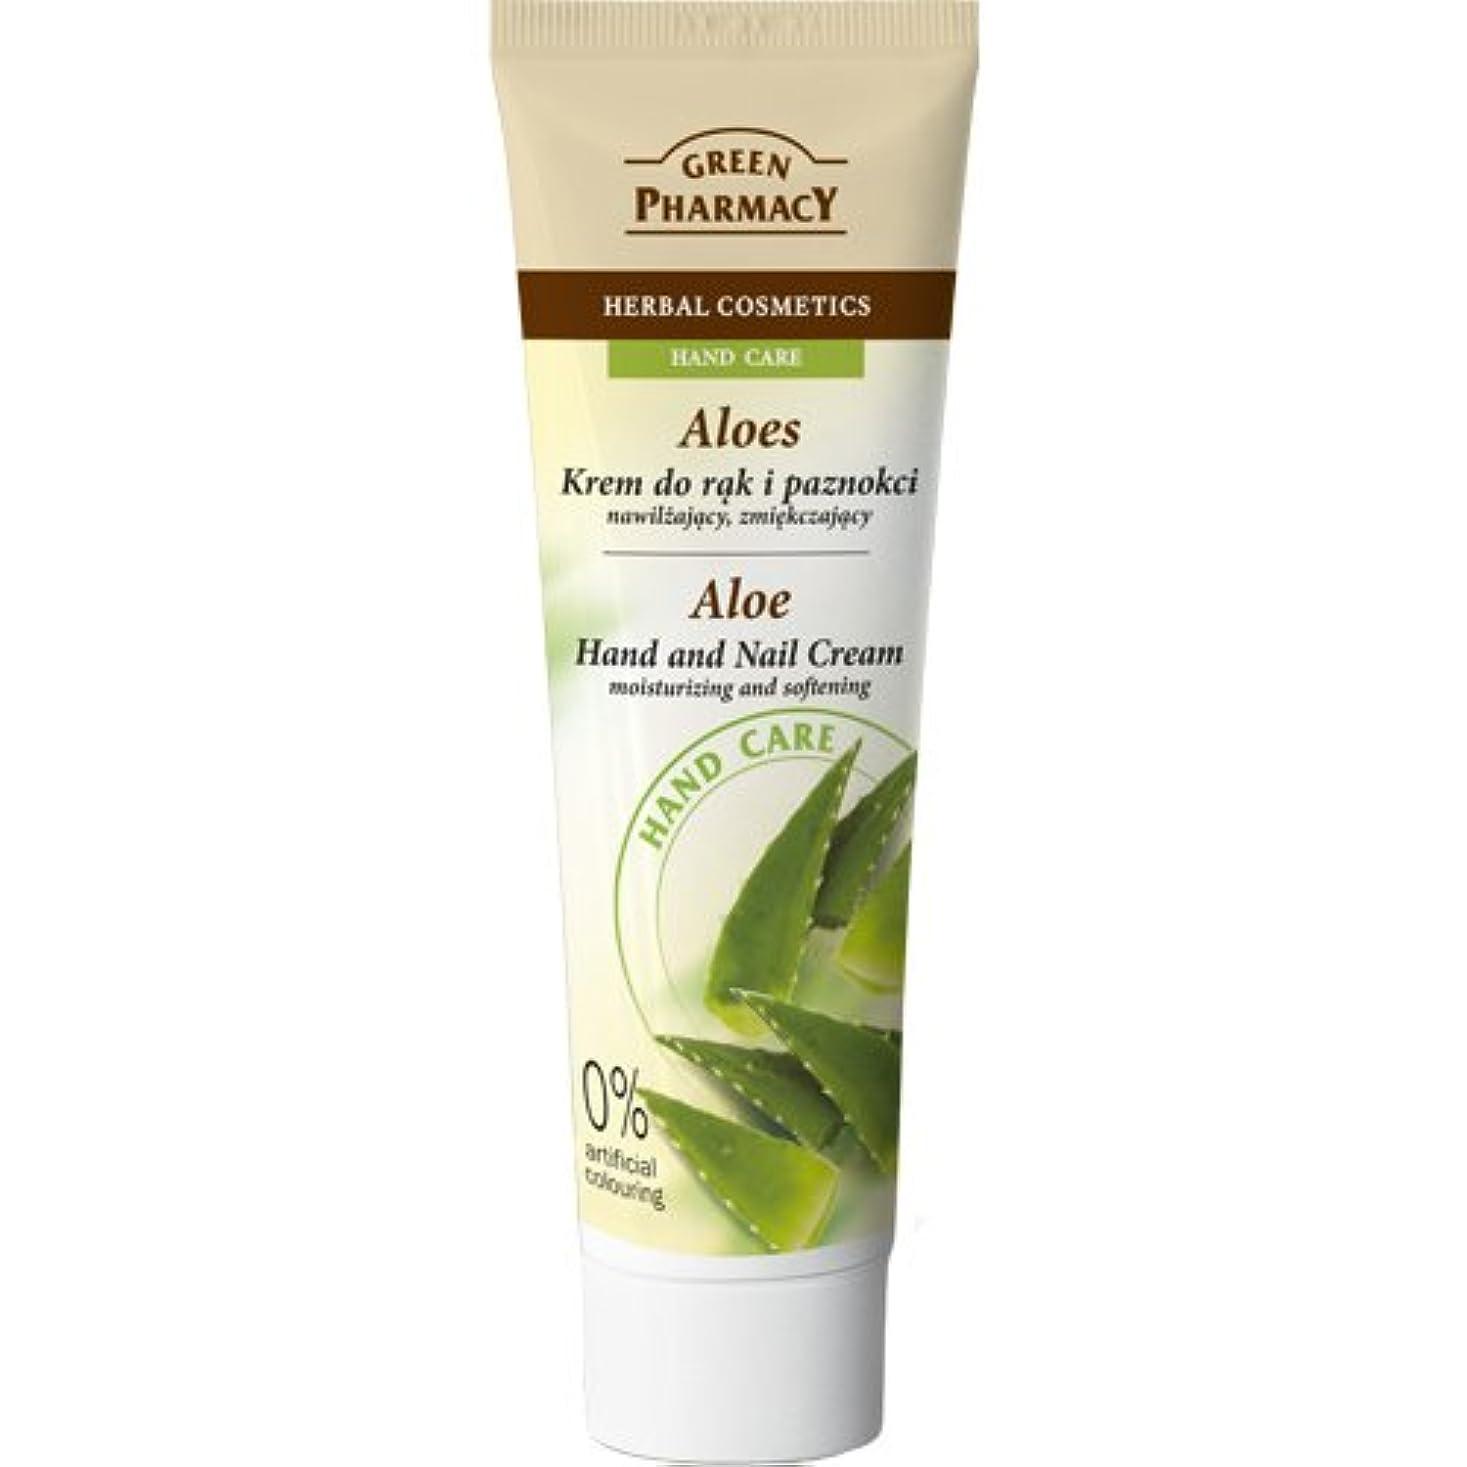 過剰ガロンパレードElfa Pharm Green Pharmacy グリーンファーマシー Hand&Nail Cream ハンド&ネイルクリーム Aloe アロエ